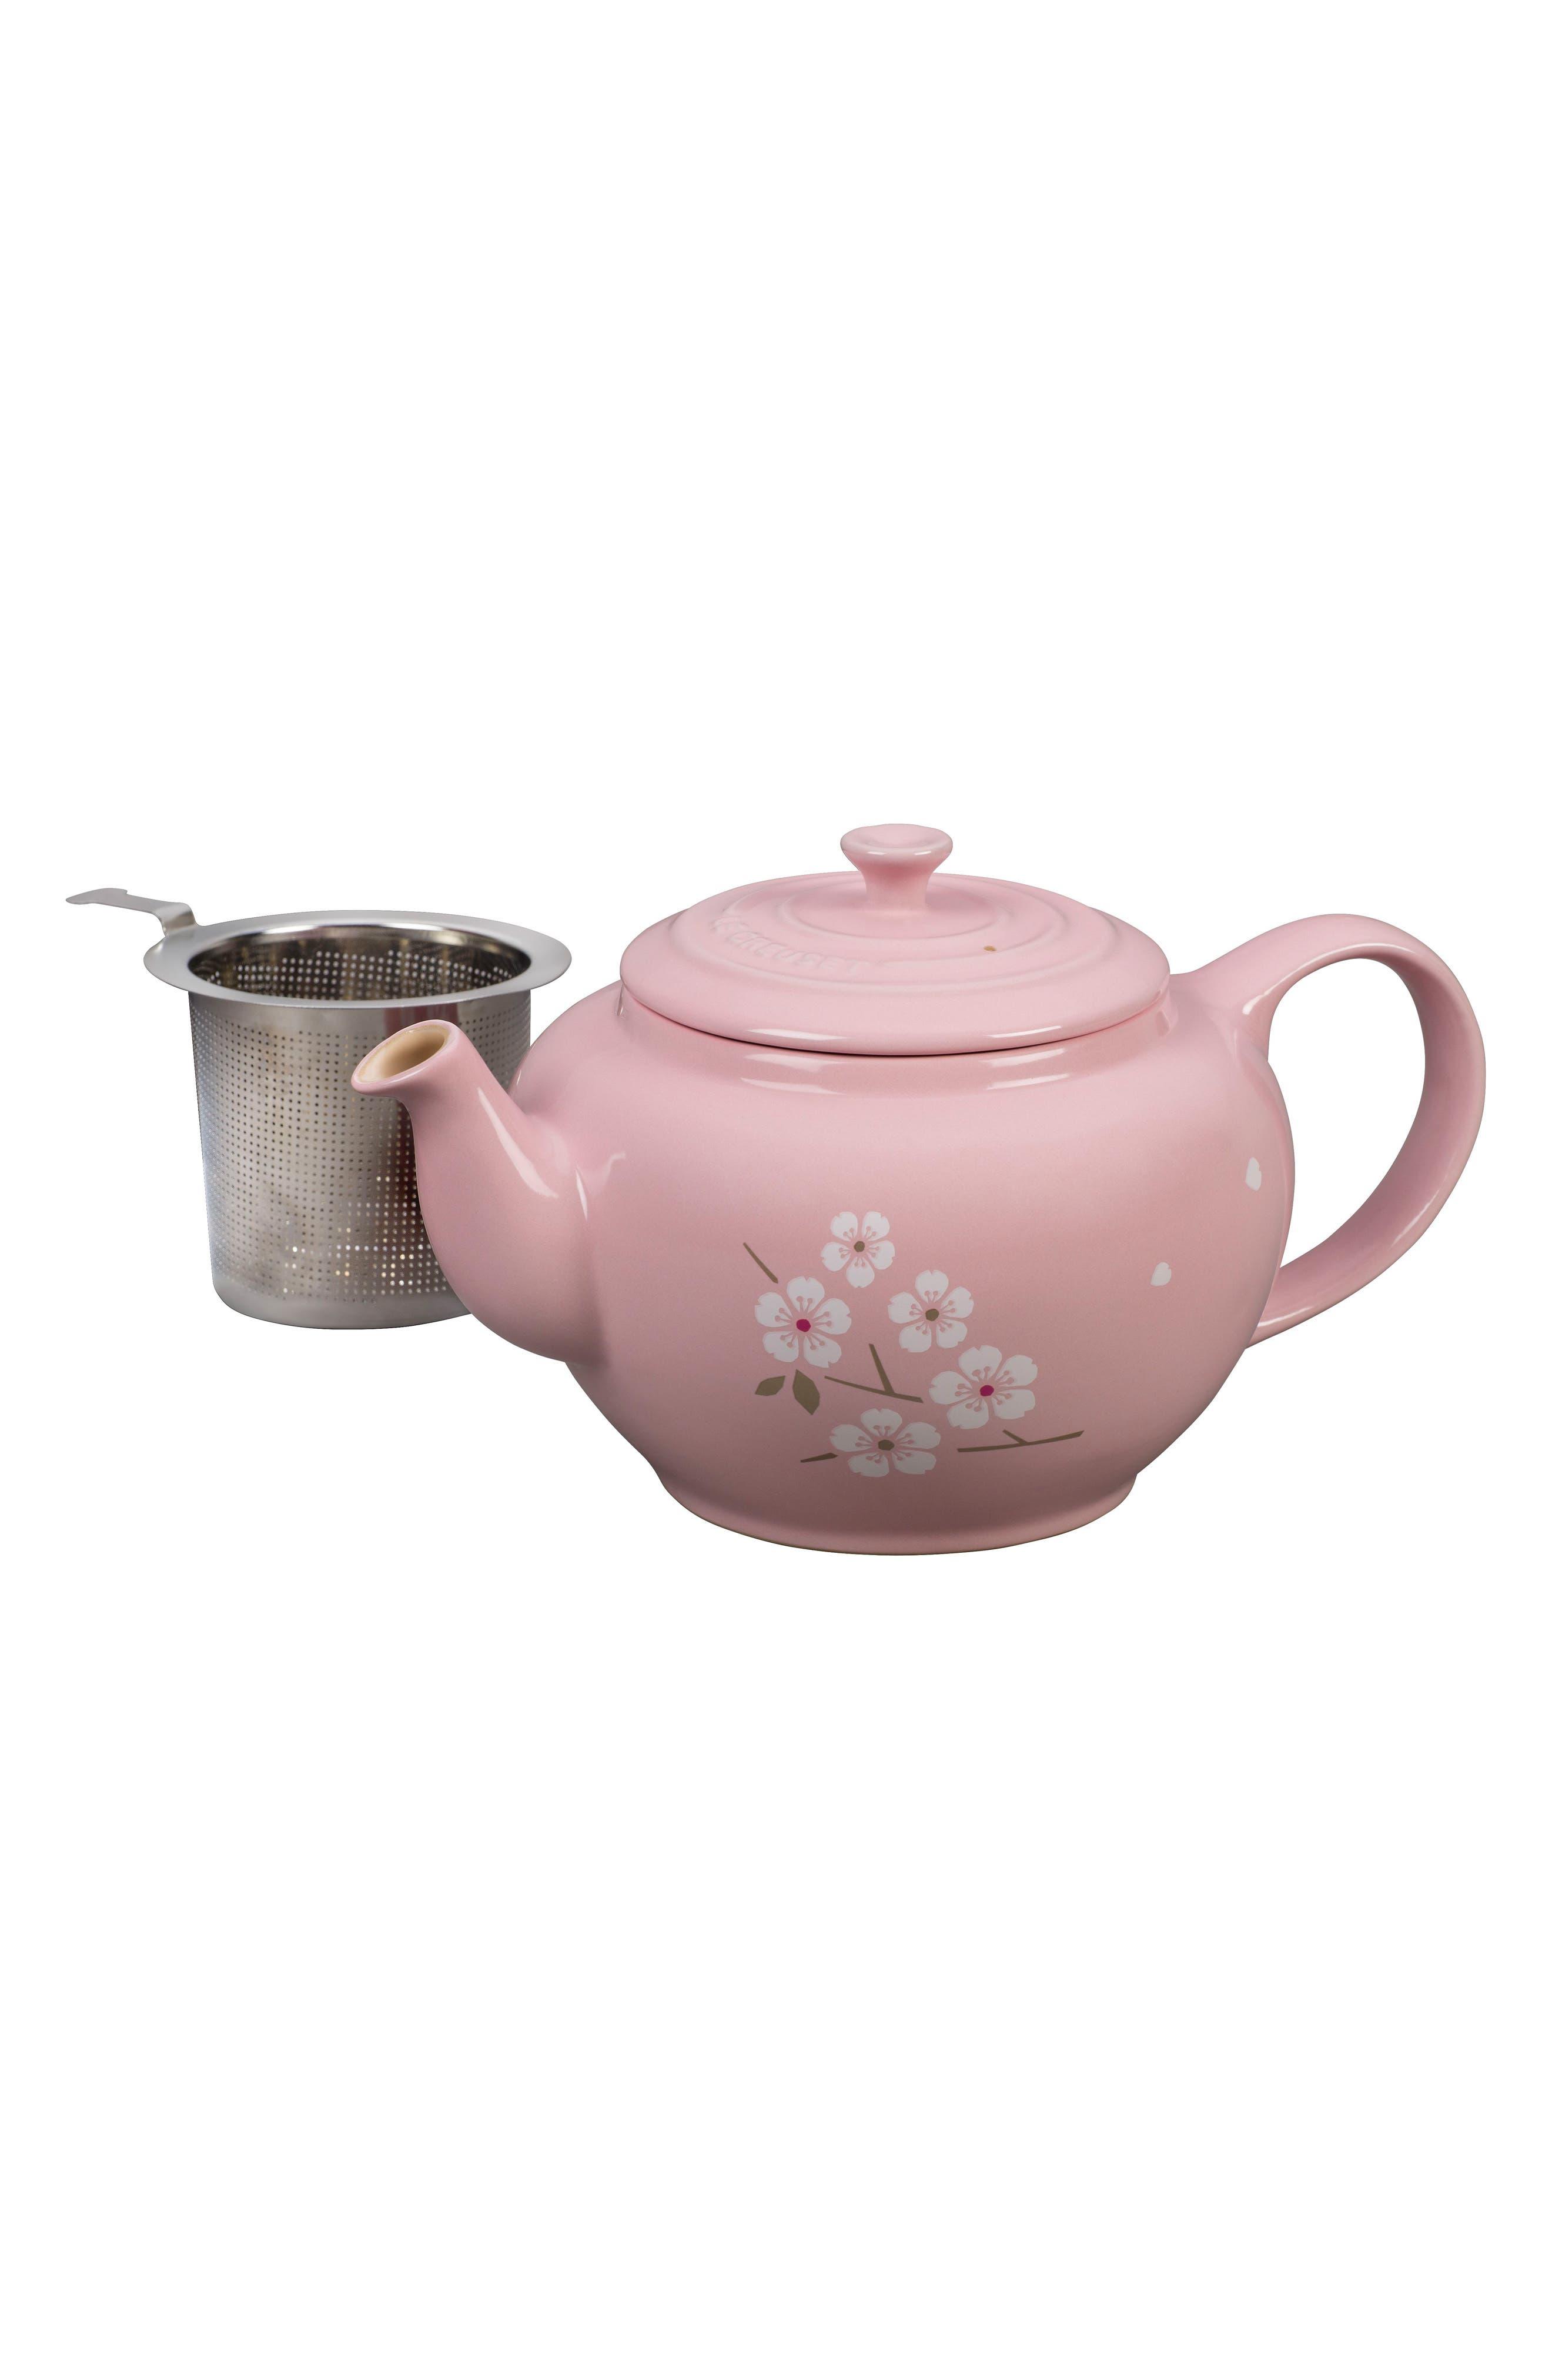 Sakura 1-Quart Stoneware Teapot,                             Alternate thumbnail 3, color,                             650